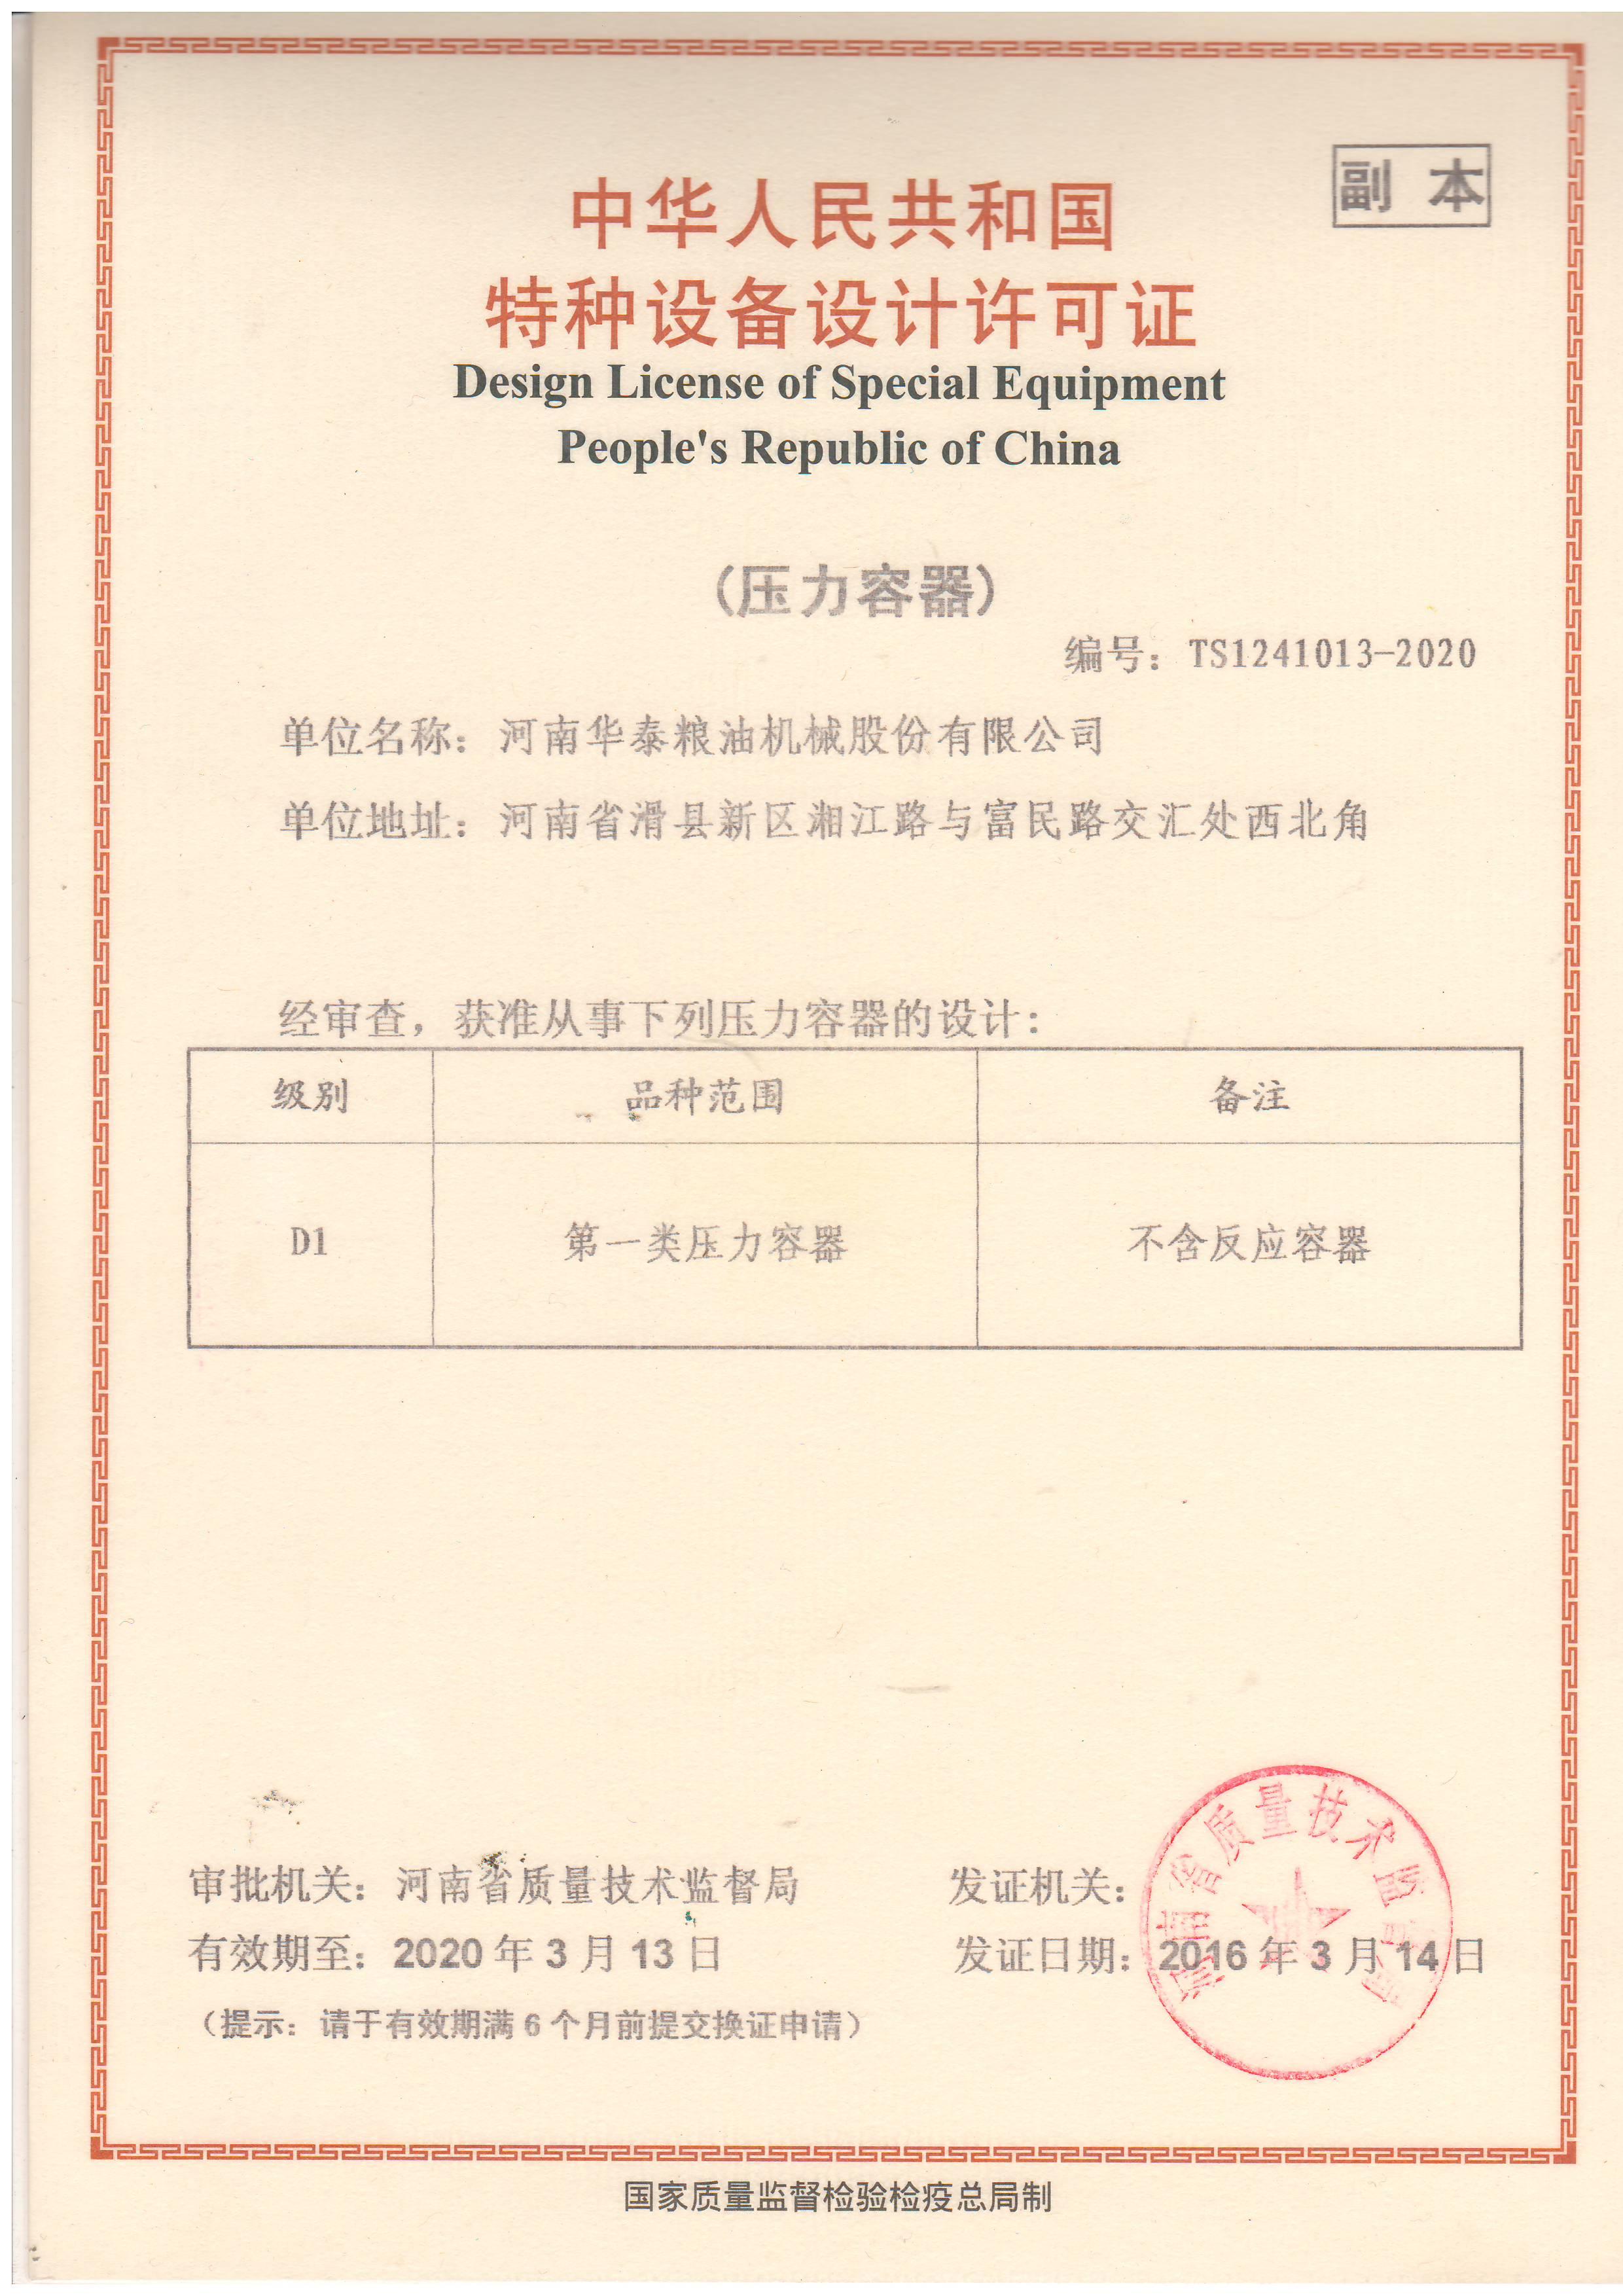 資質-特種設備設計許可證-壓力容器副本